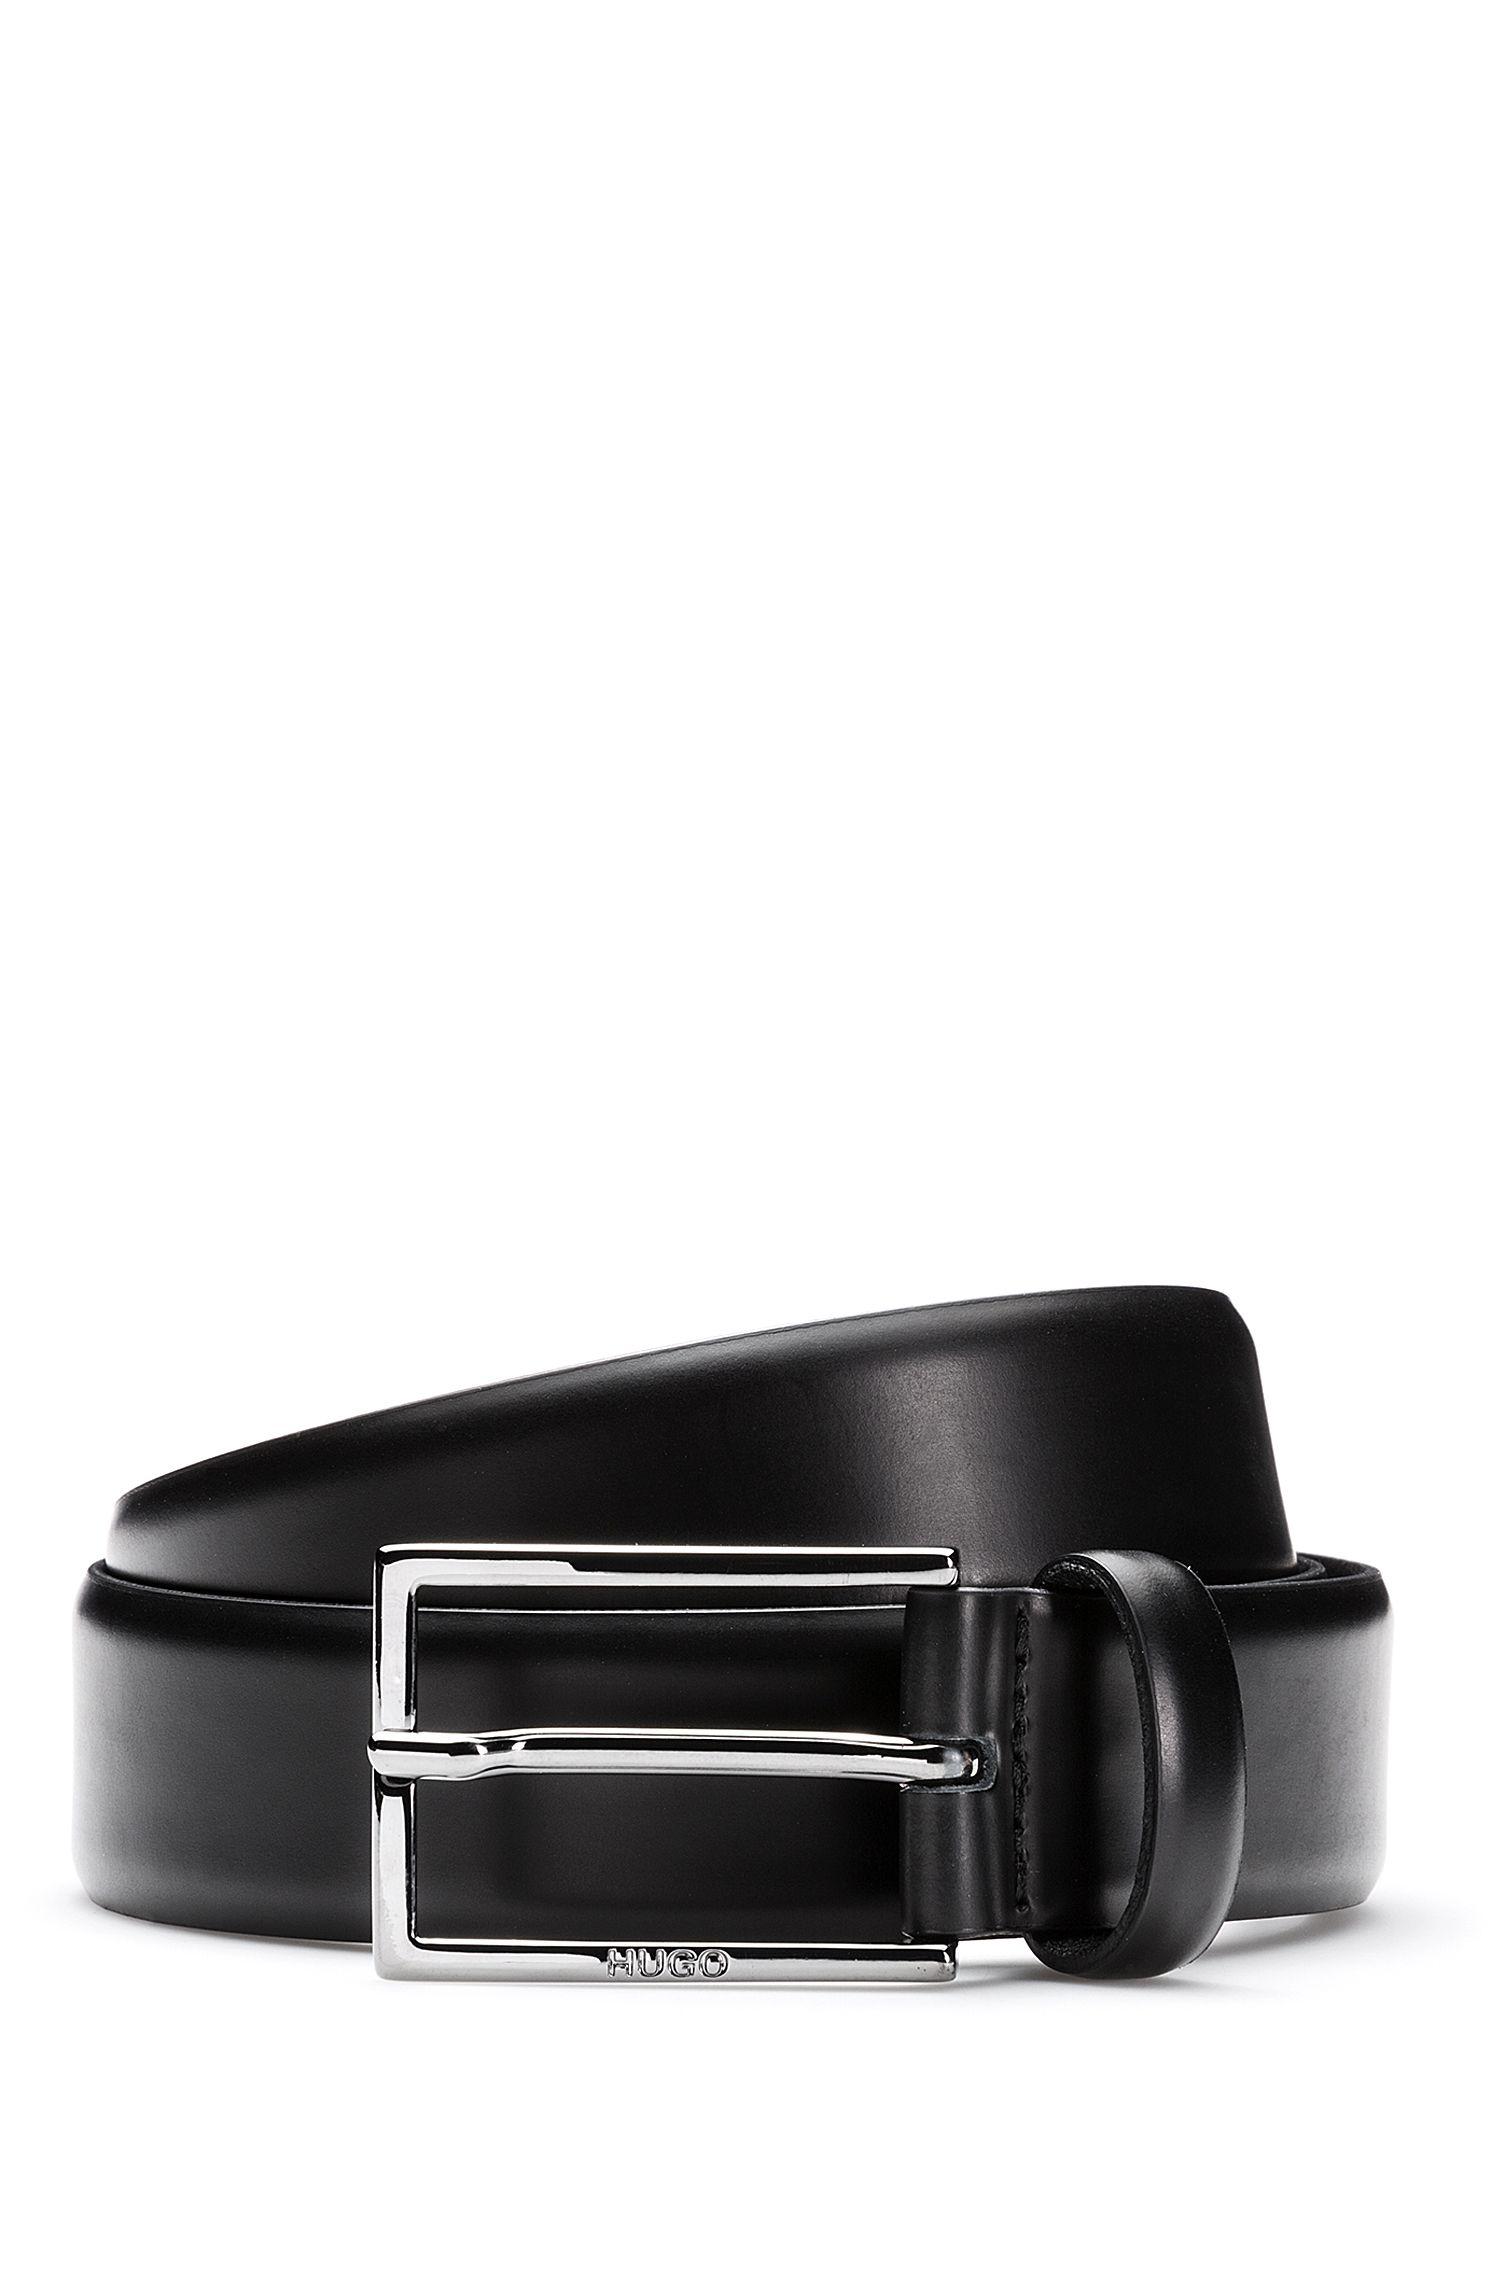 Cintura in pelle spazzolata con finiture lucide in metallo color canna di fucile